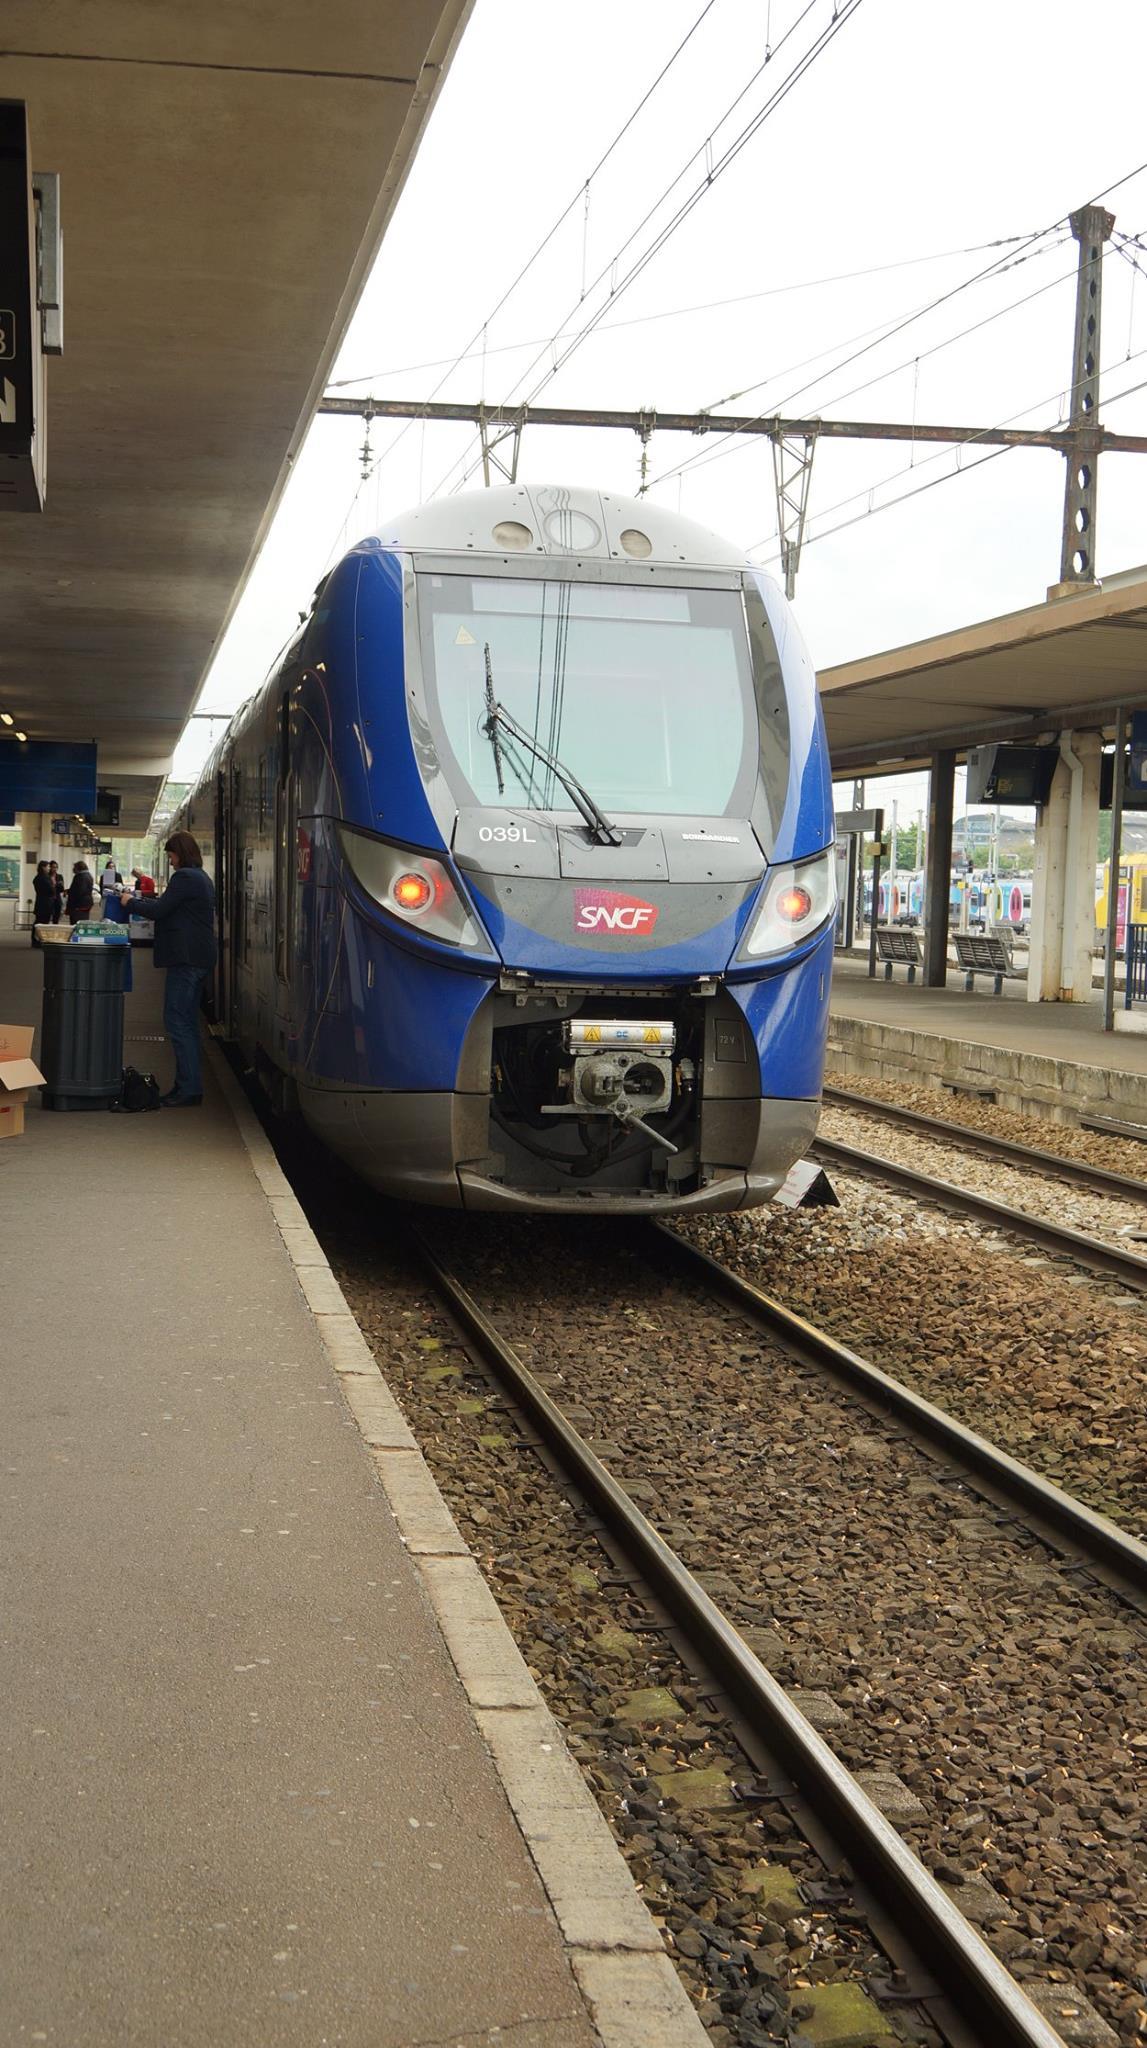 SNCF CHARTRES LES INCIVILITES